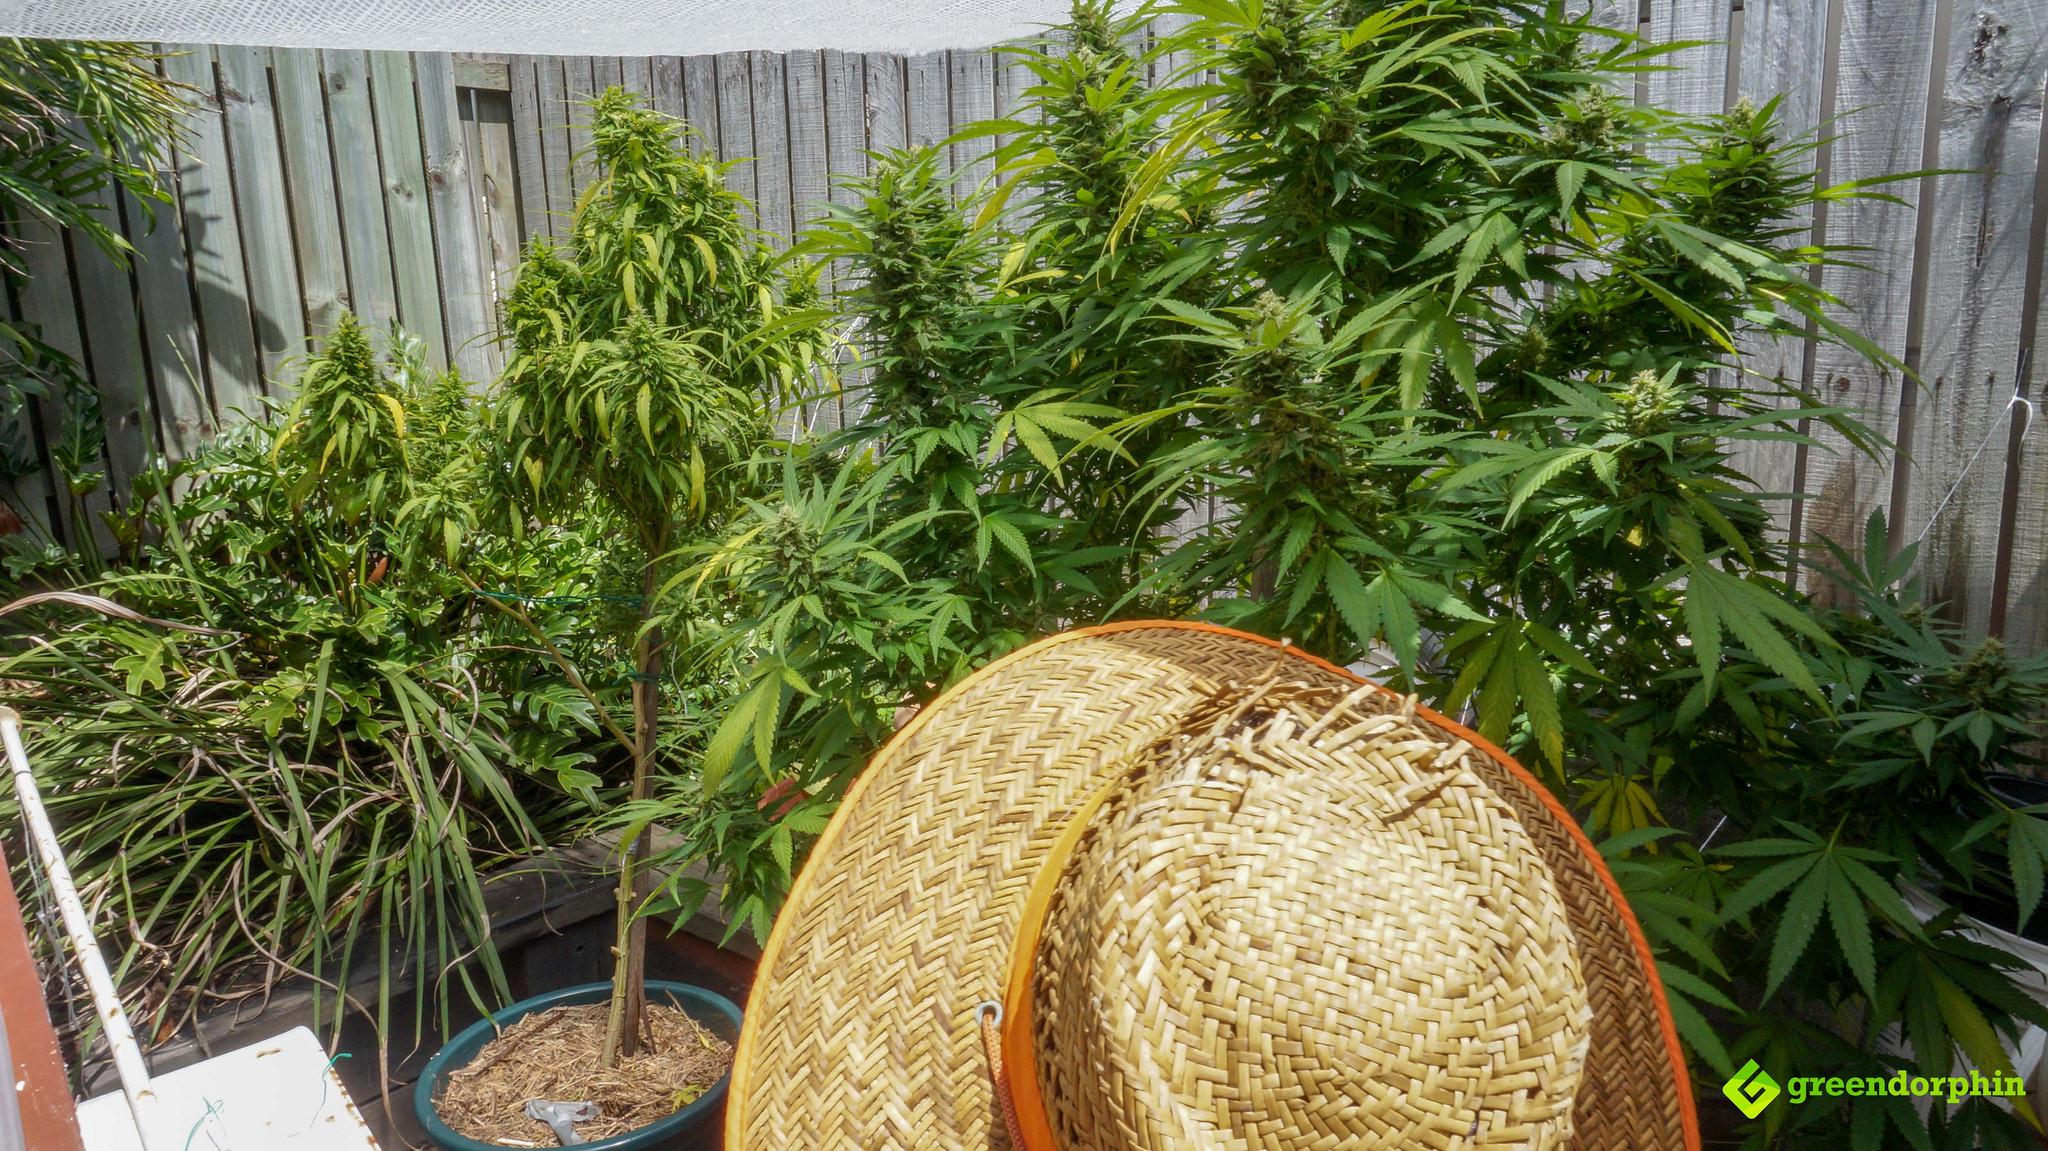 Grow Cannabis outdoors